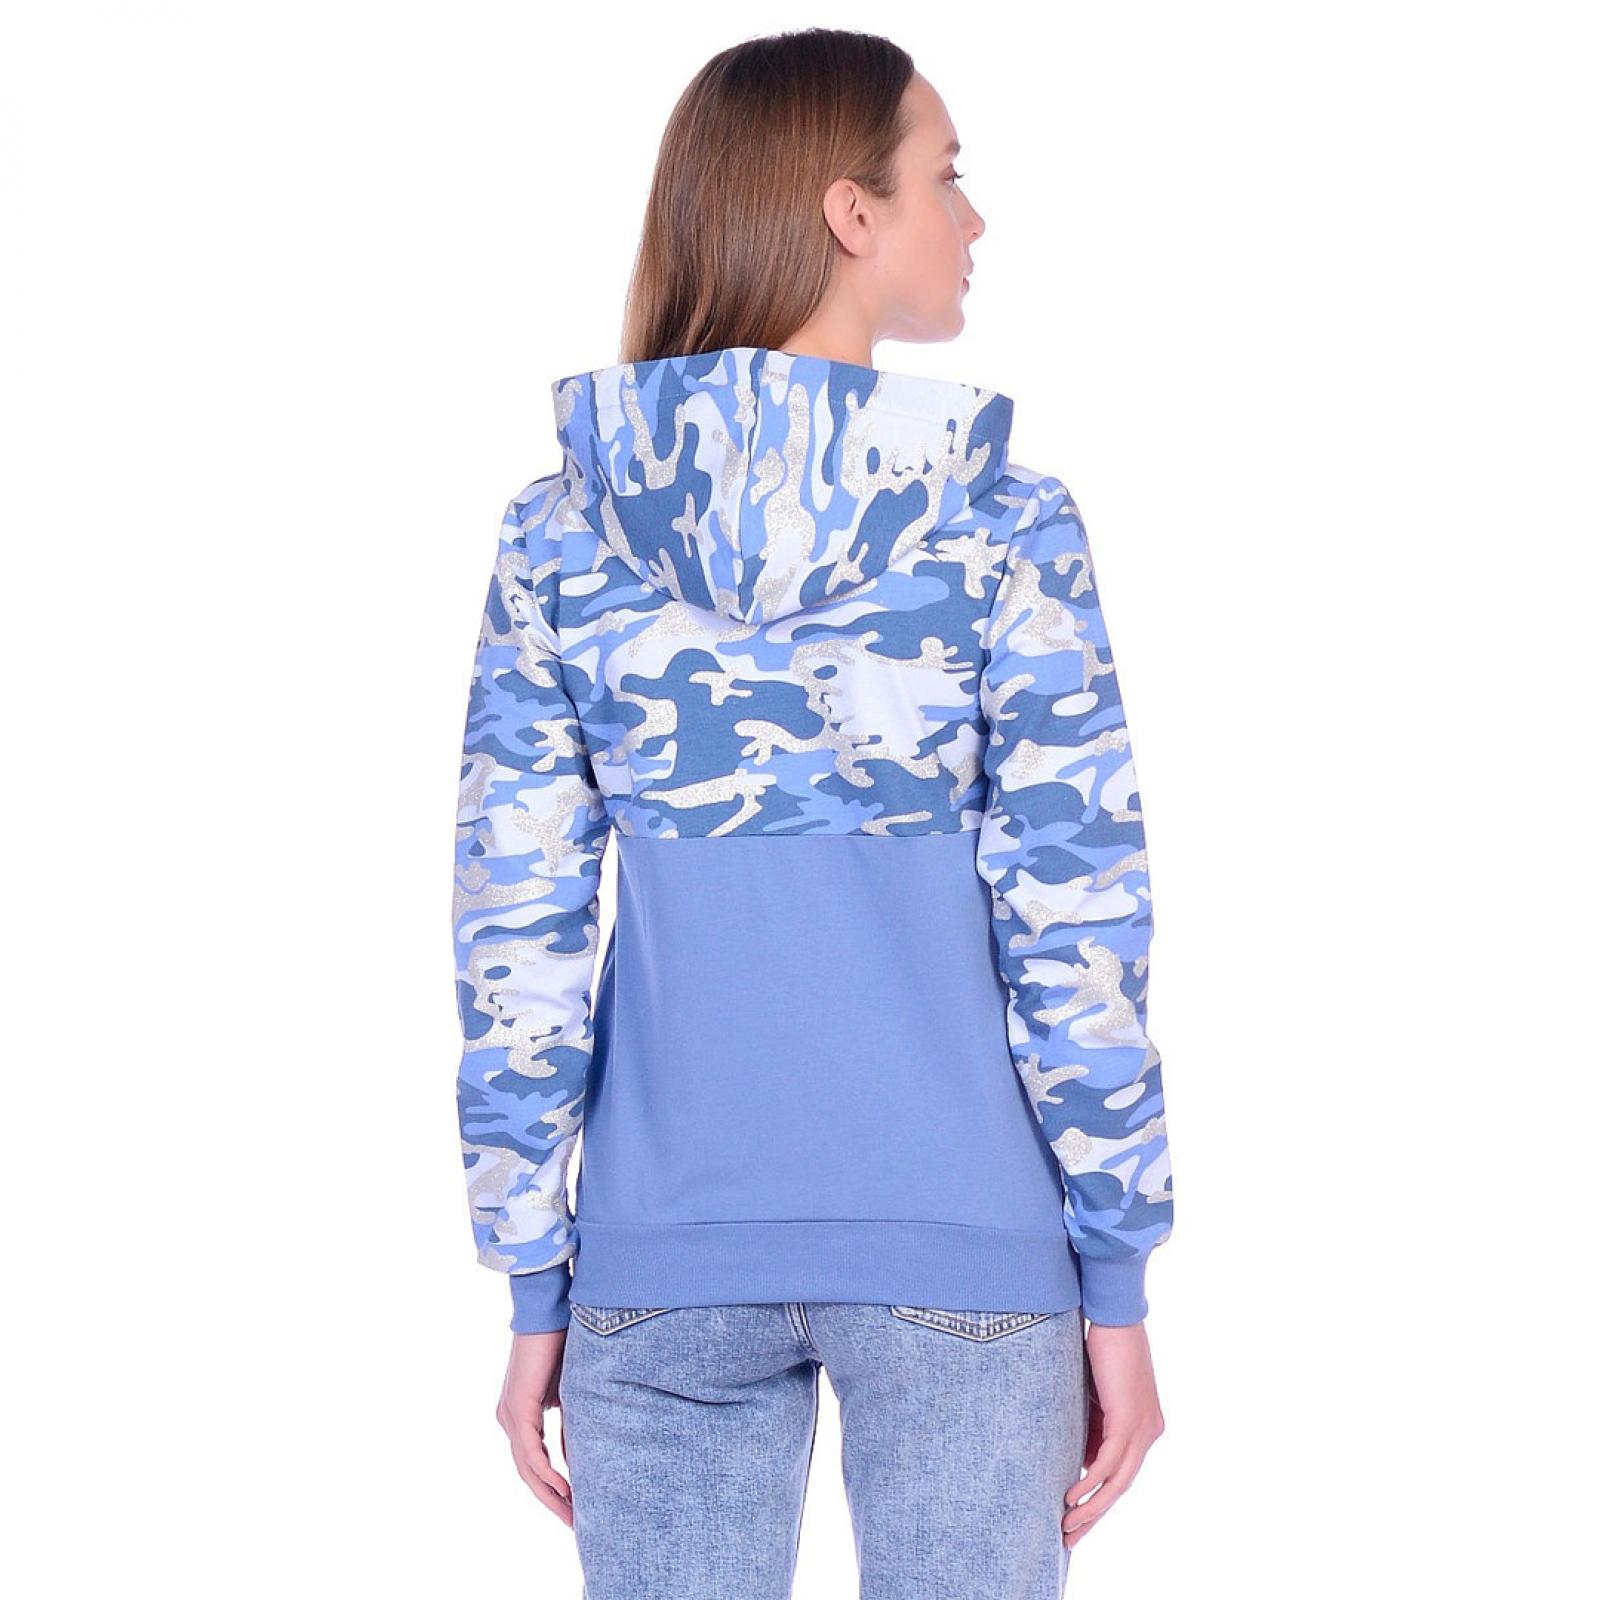 Толстовка голубая Камуфляж (серебро) М-0176Г